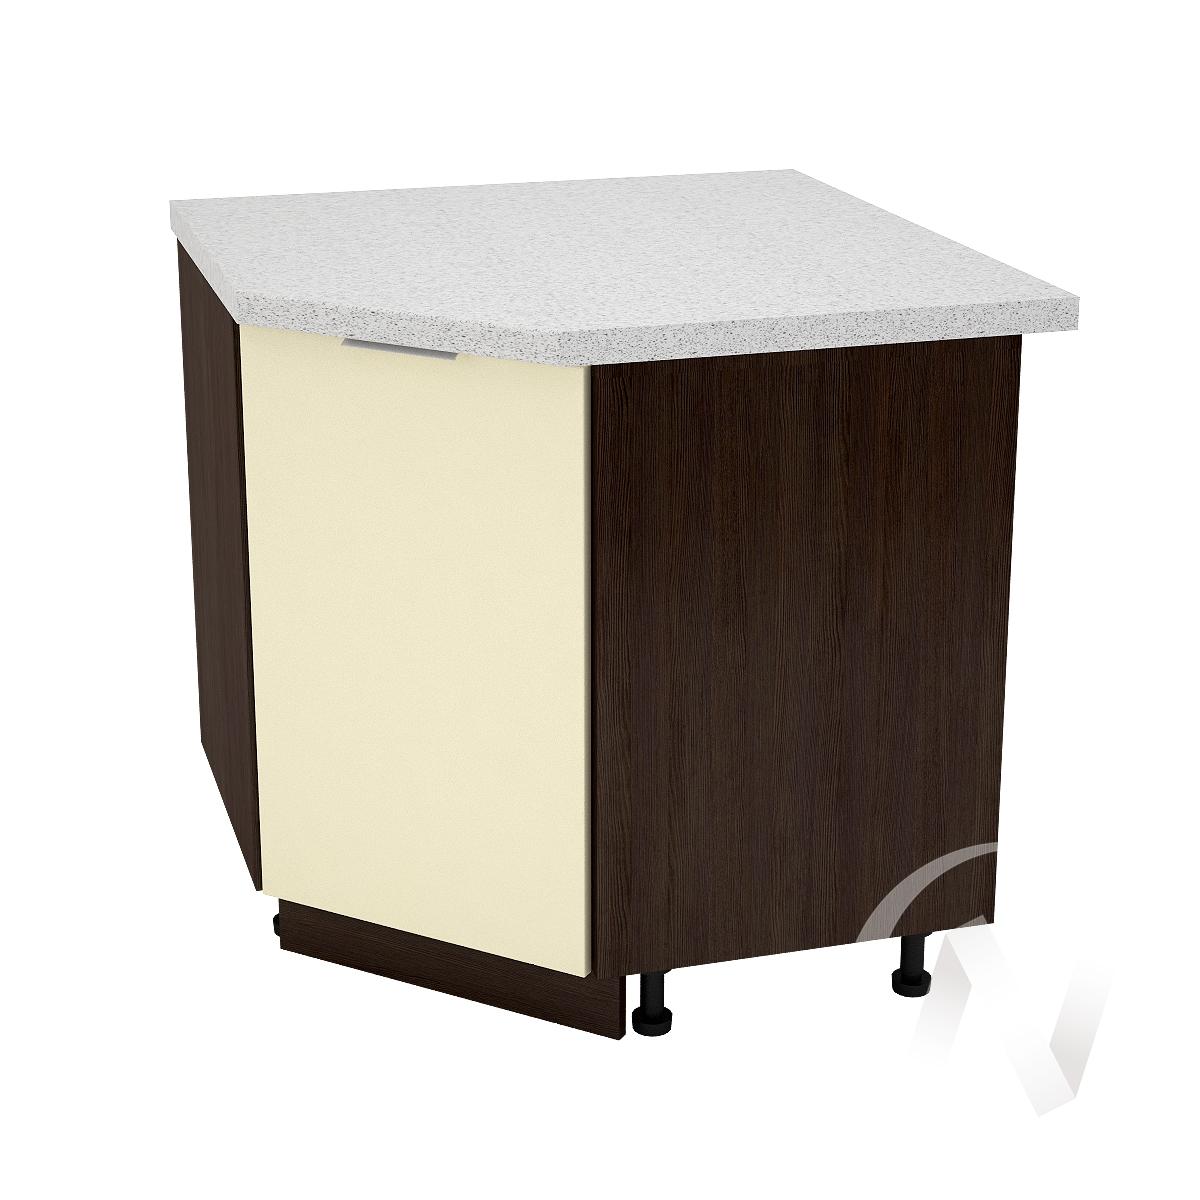 """Кухня """"Терра"""": Шкаф нижний угловой 890, ШНУ 890 (ваниль софт/корпус венге)"""